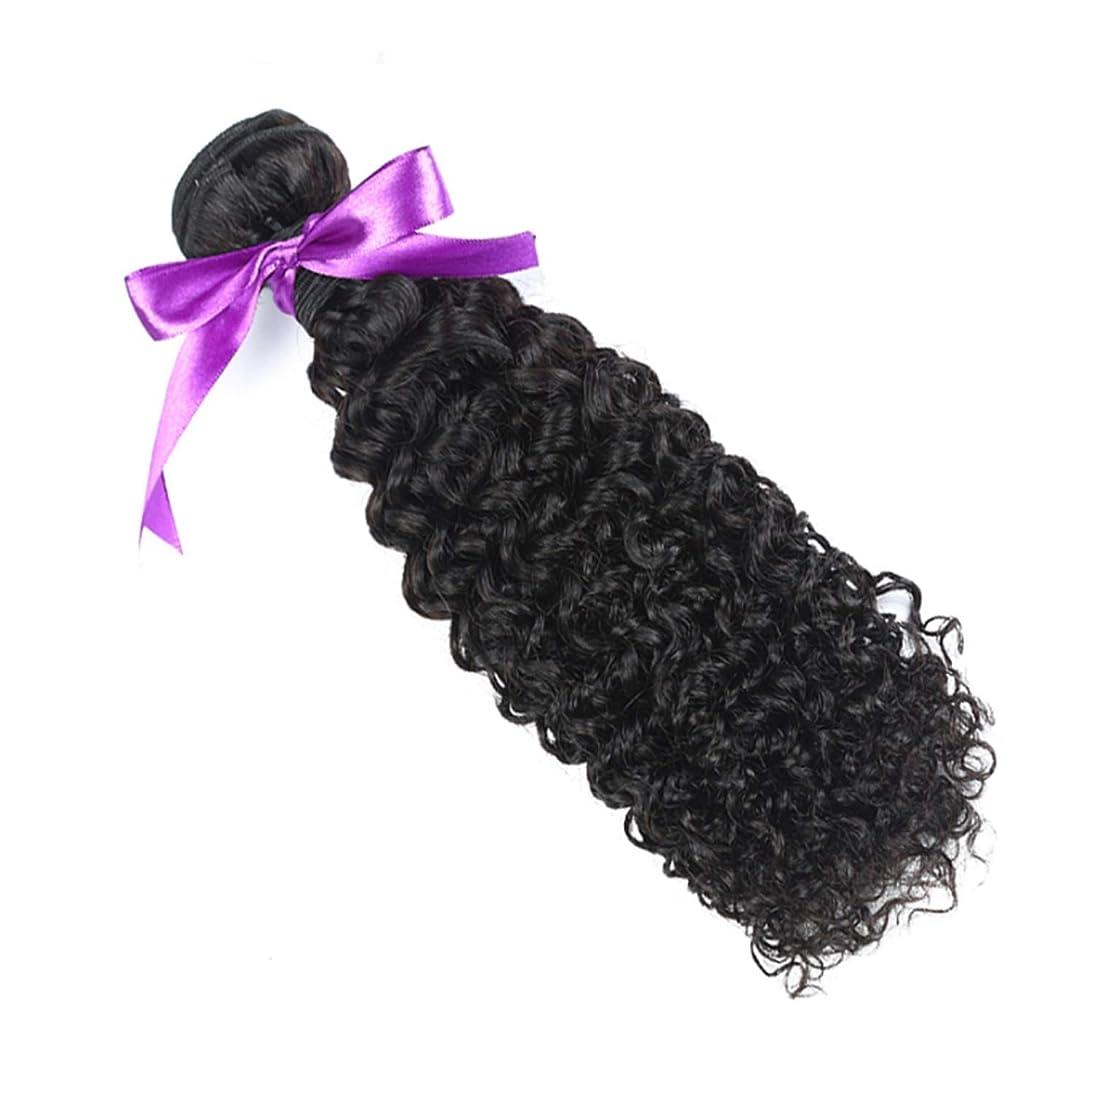 開拓者頭パンチかつら マレーシアの巻き毛の束8-28インチ100%の人間の毛髪は、Remyの毛のナチュラルカラー1個の髪の束を織ります (Stretched Length : 24inches)